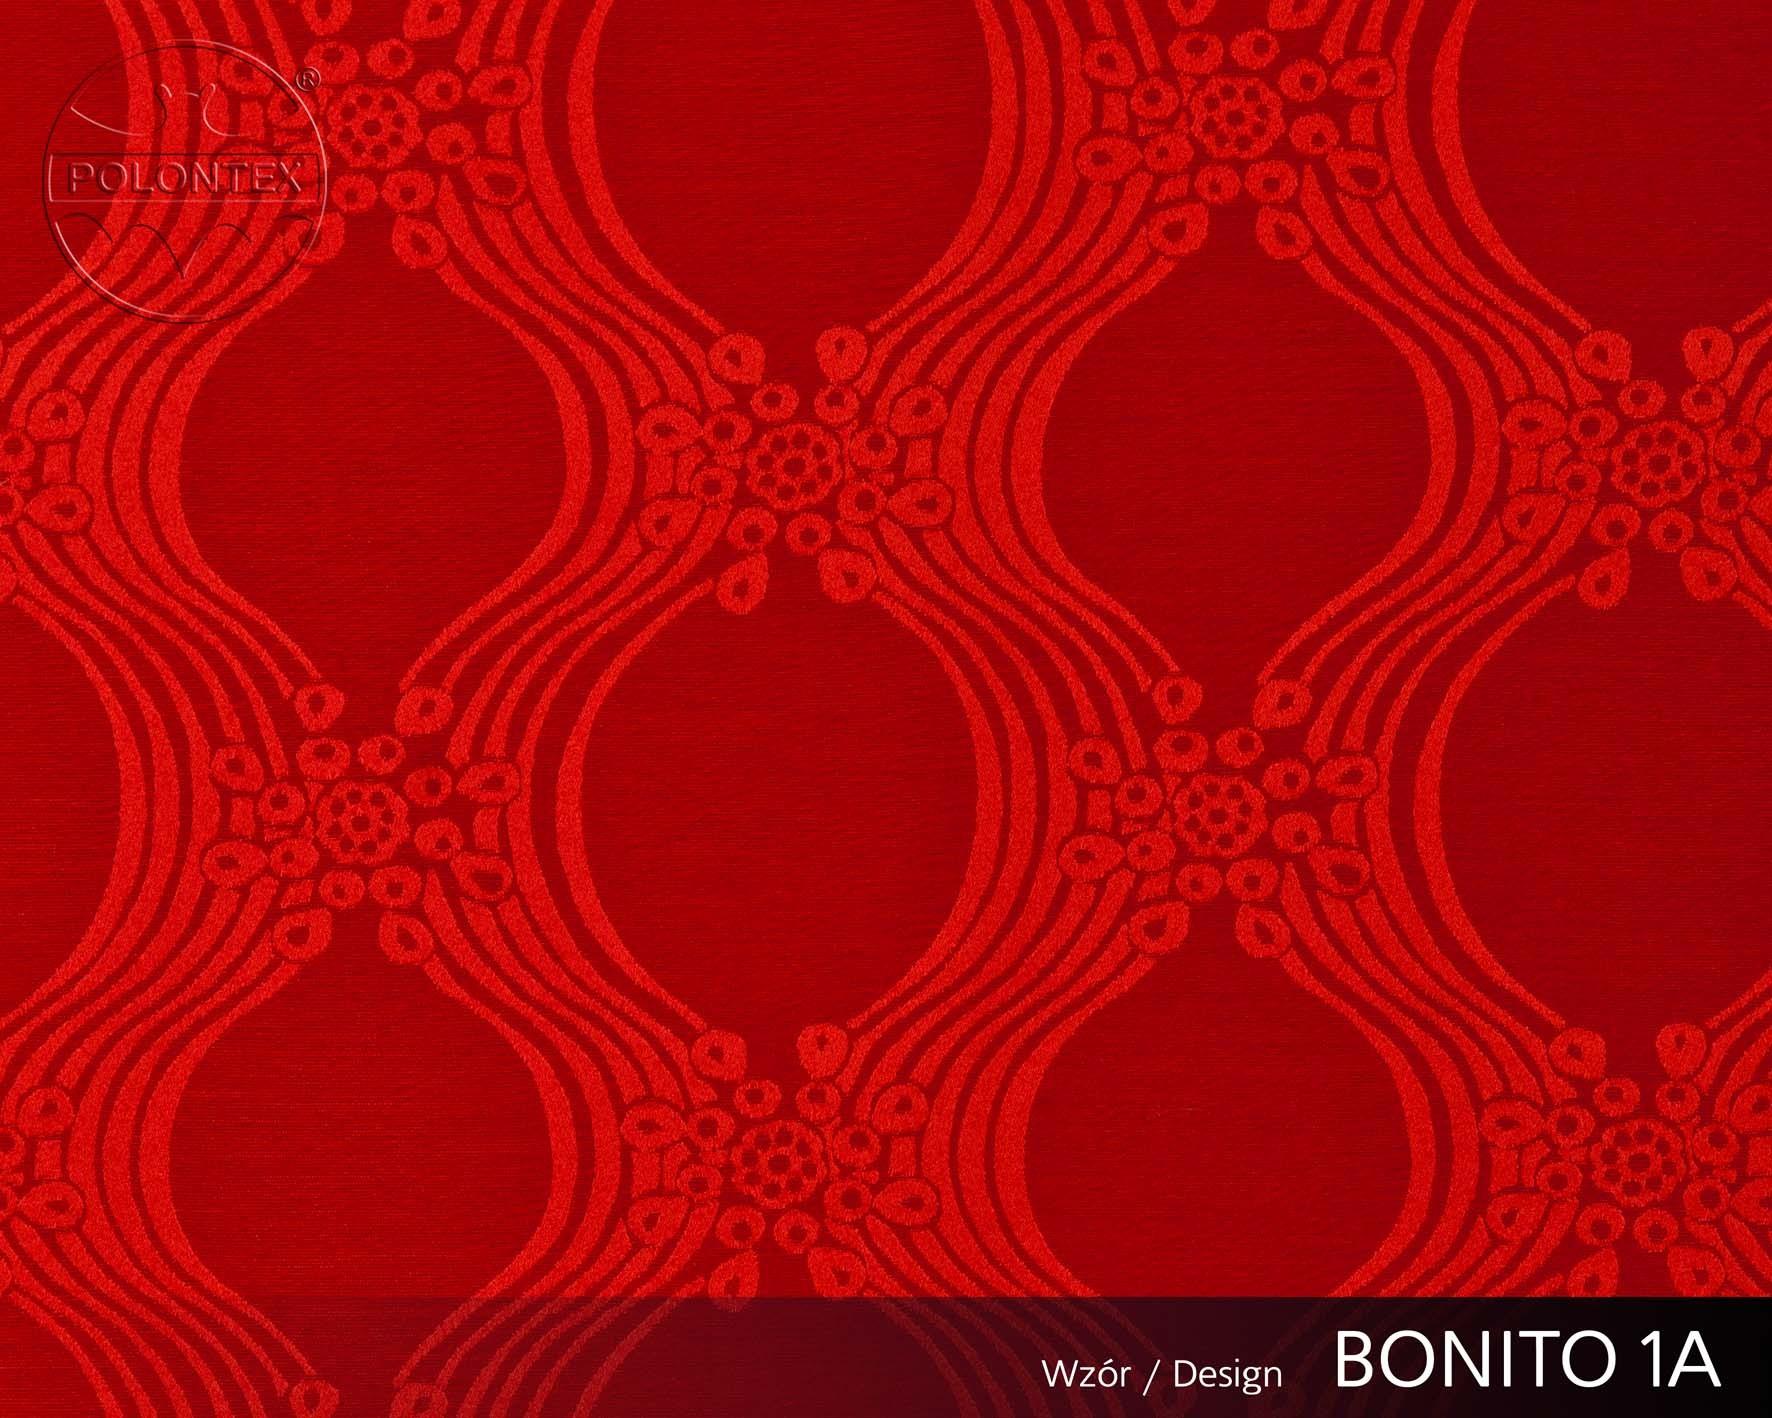 BONITO 1A 3399